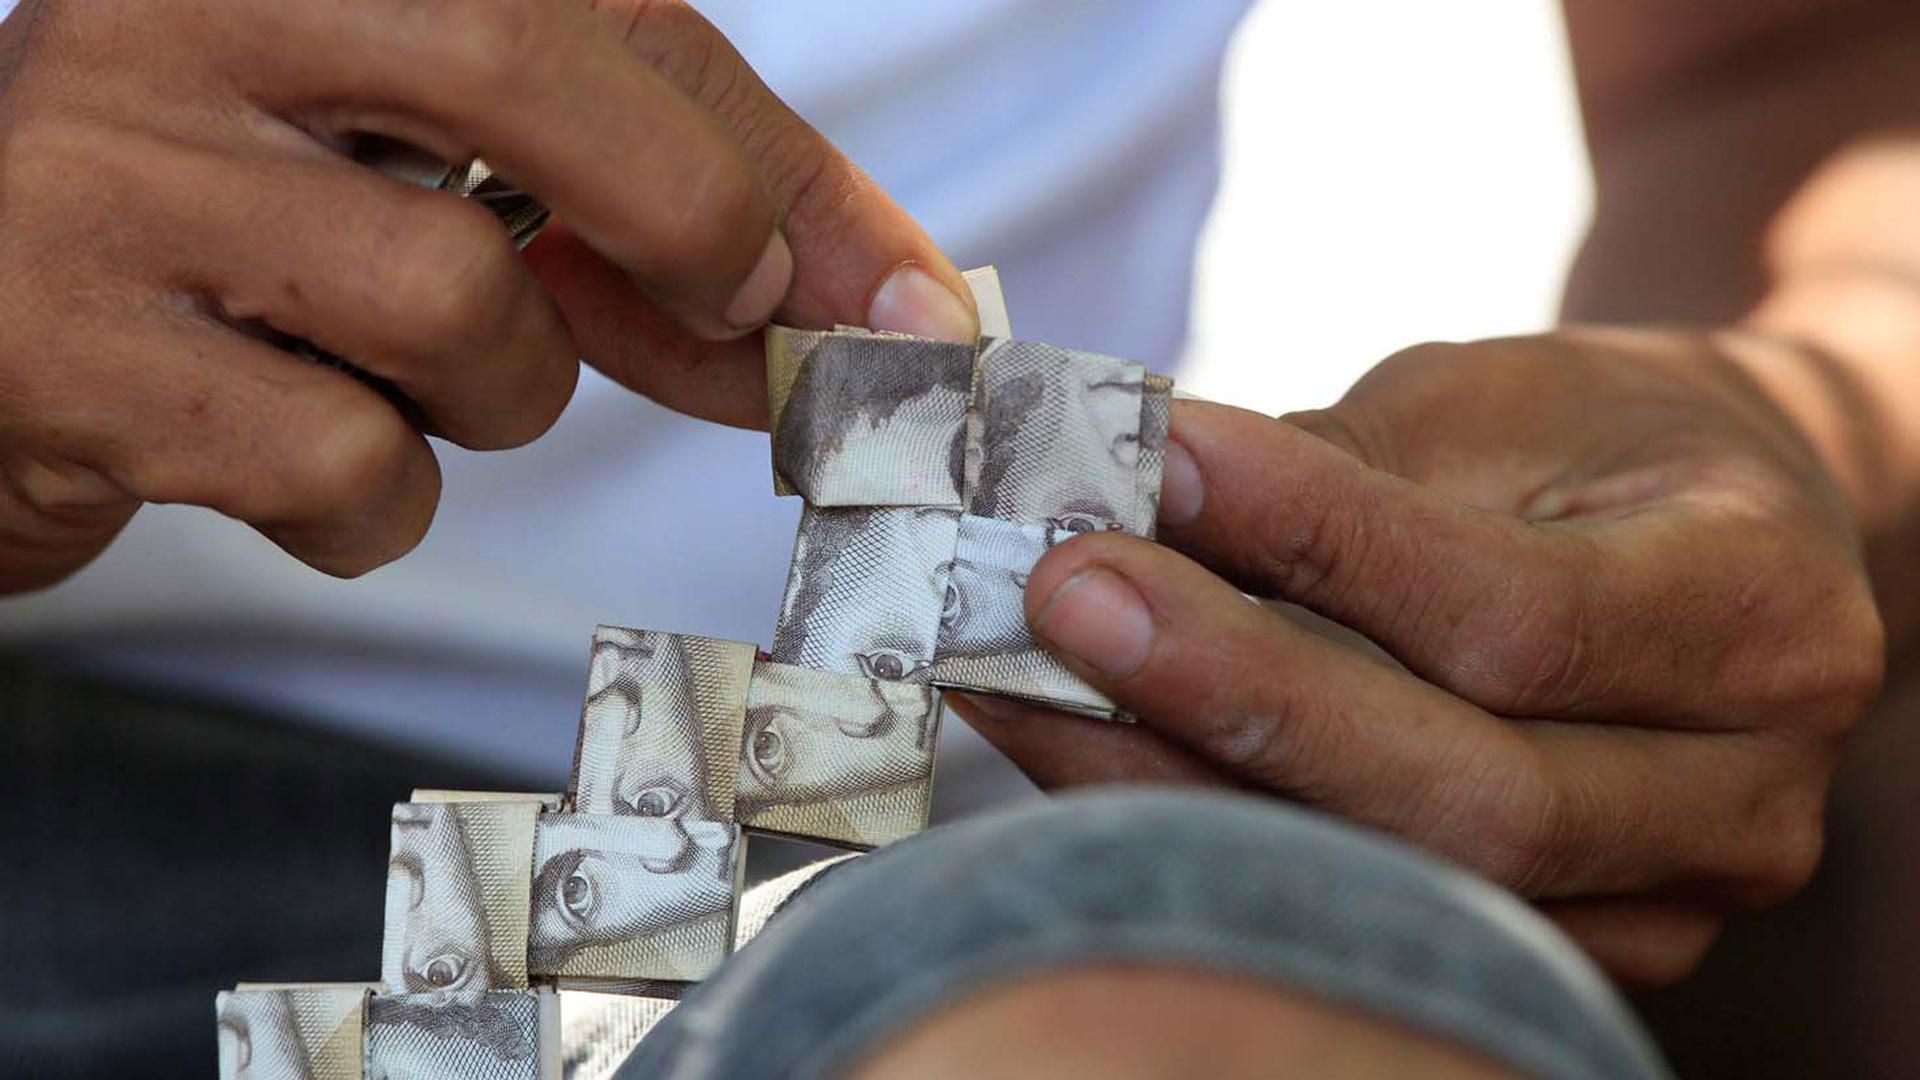 El trabajo artesanal que agrega valor a una moneda brutalmente devaluada